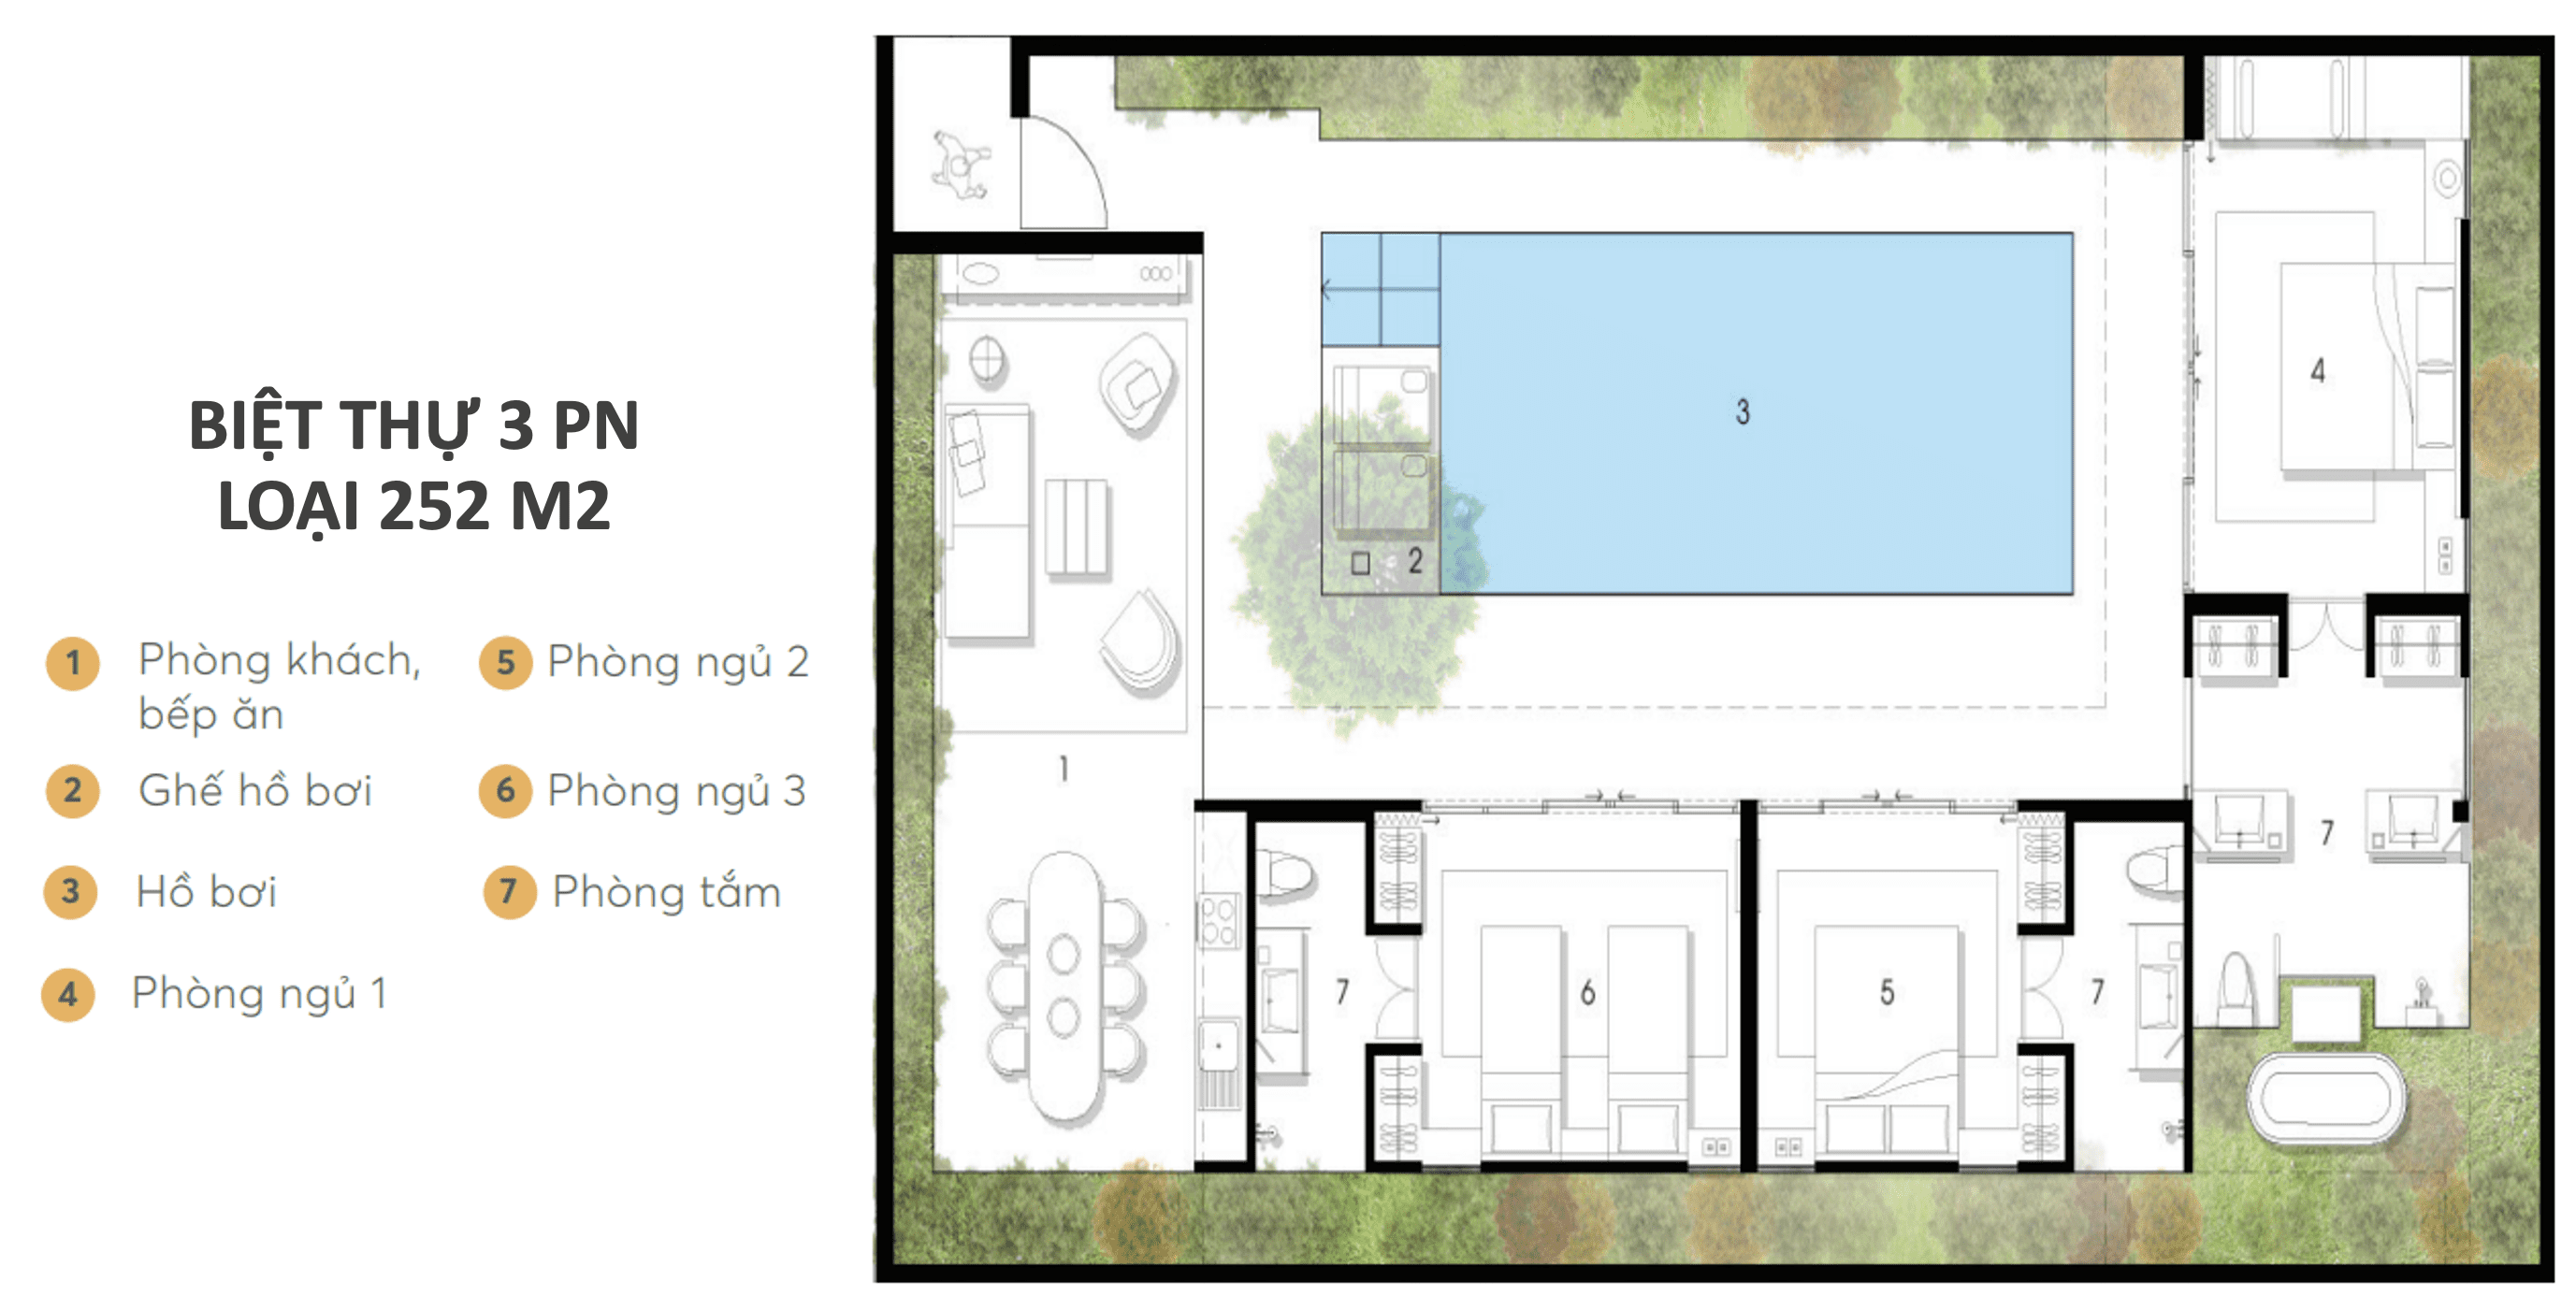 Wyndham Garden Phú Quốc - Dự án Nam Group - Loại 3PN